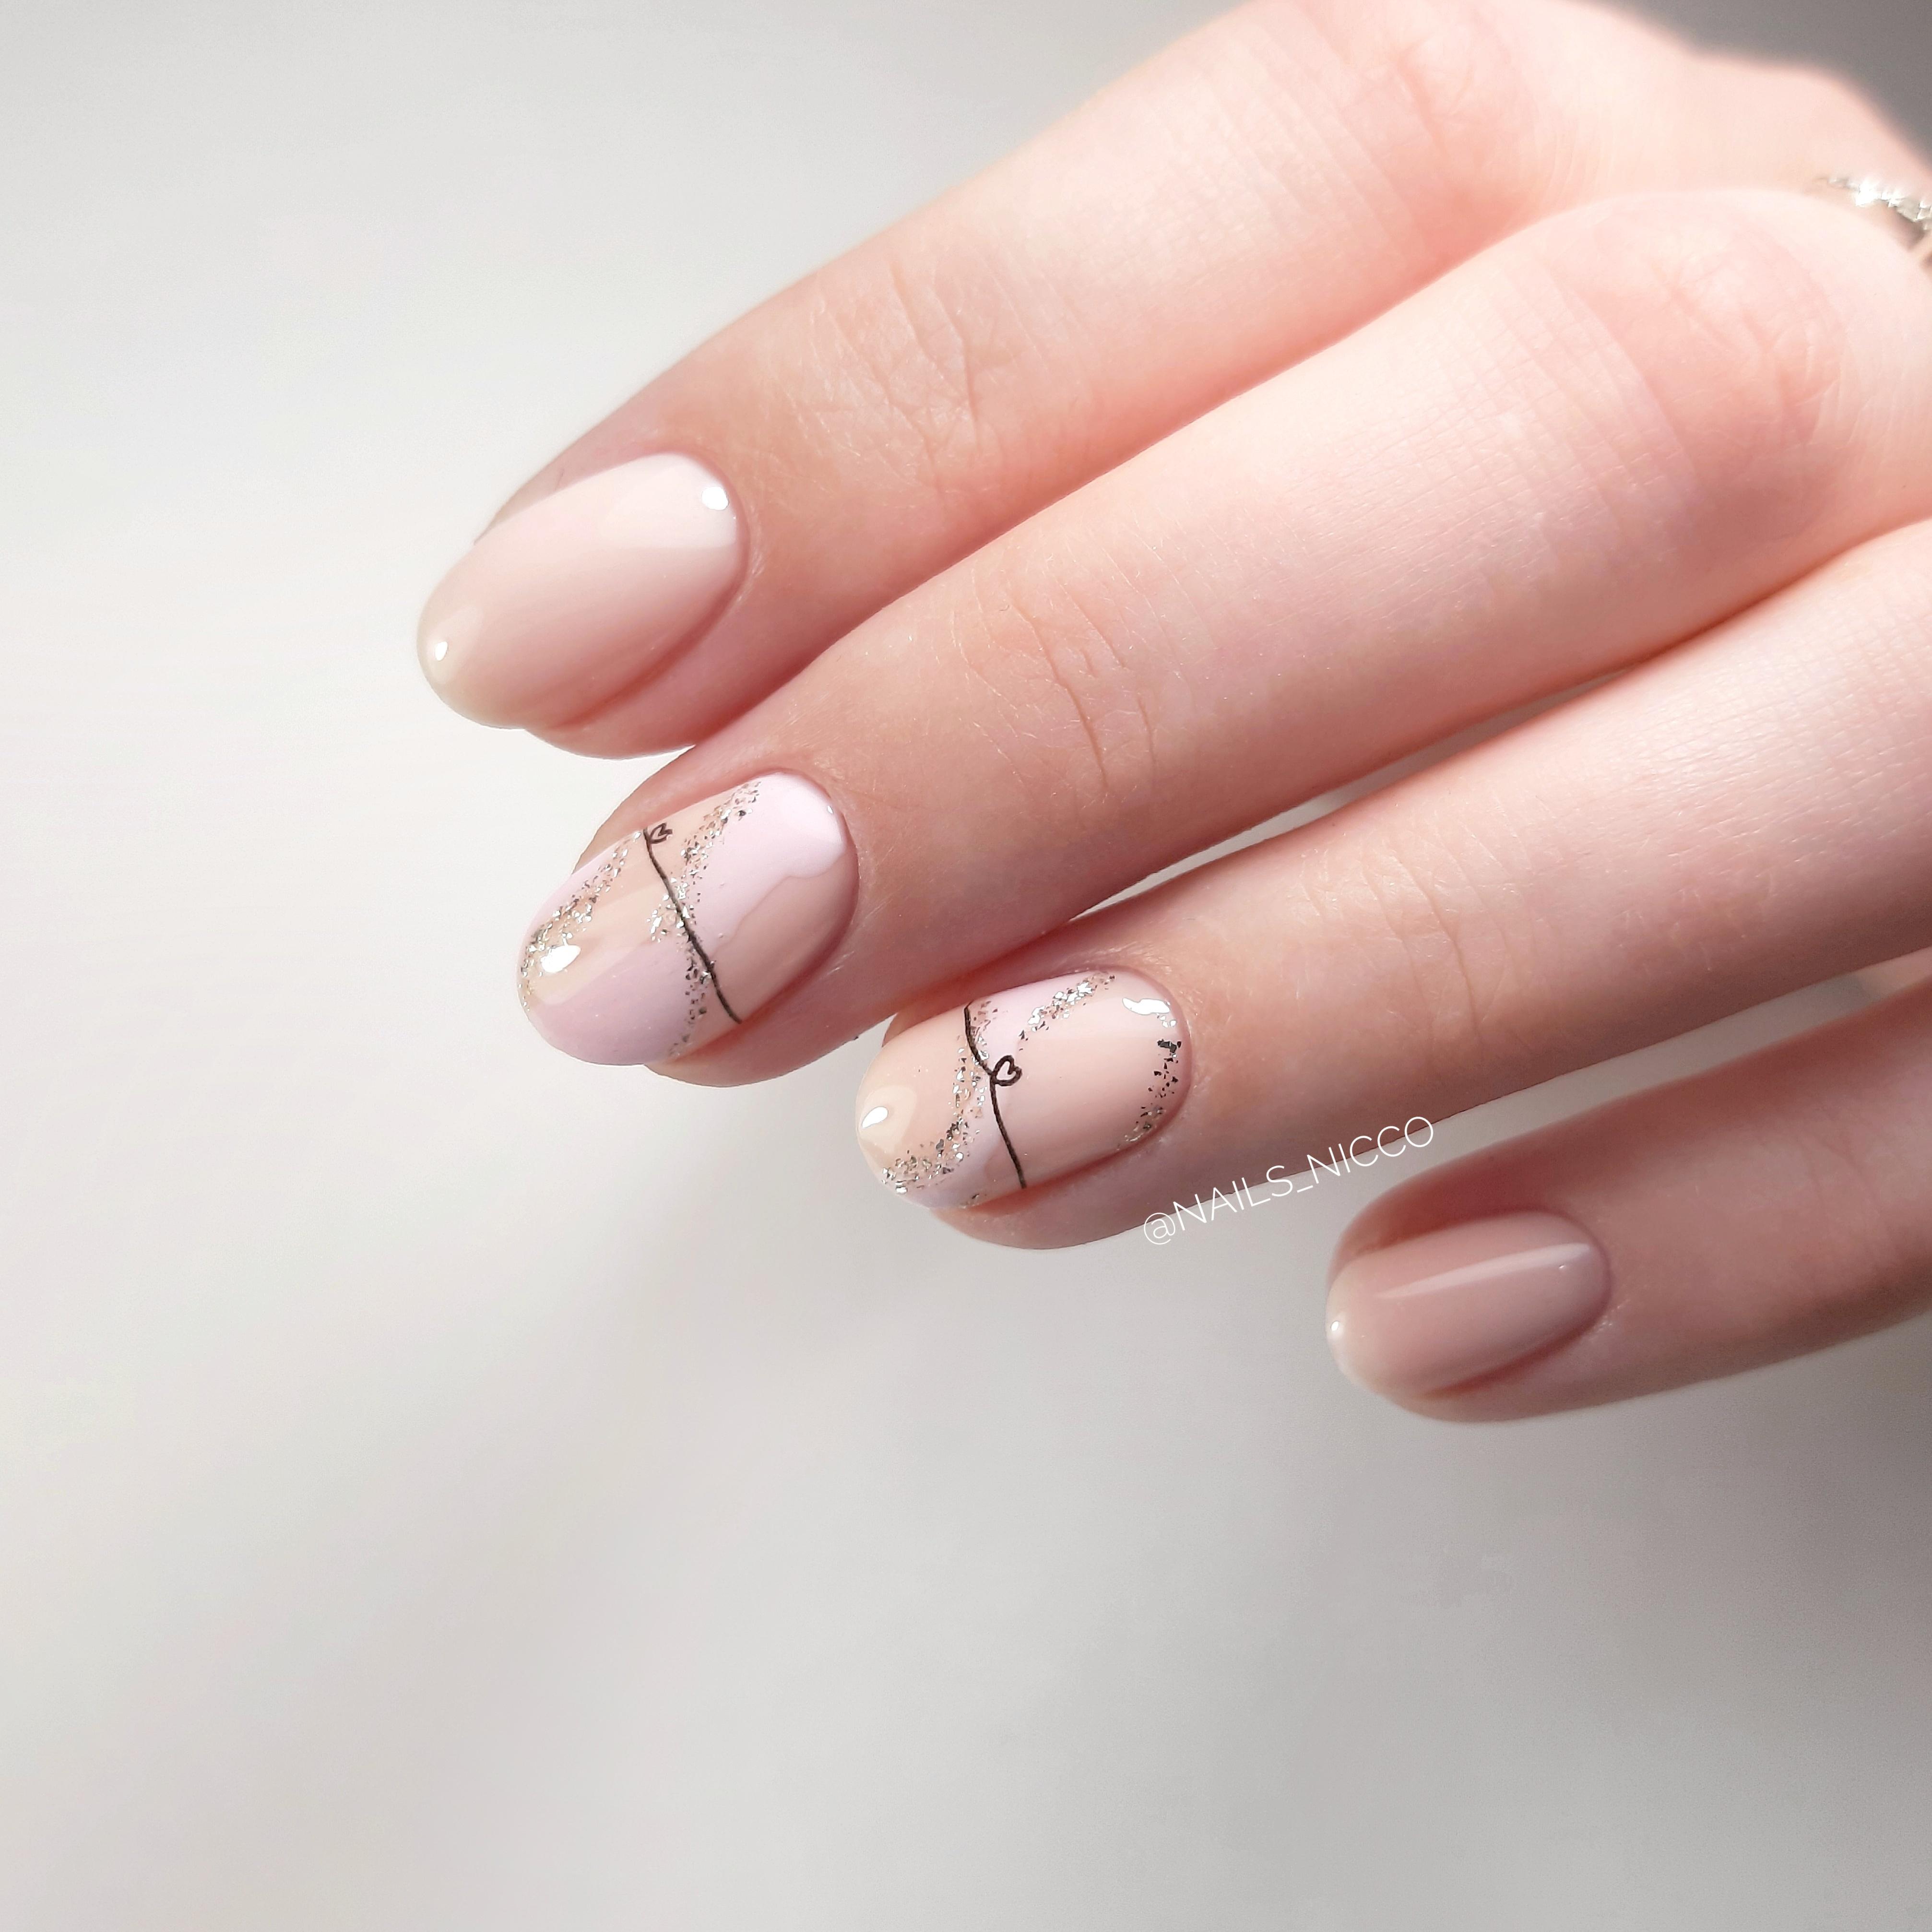 Нюдовый маникюр с рисунком и блестками на короткие ногти.